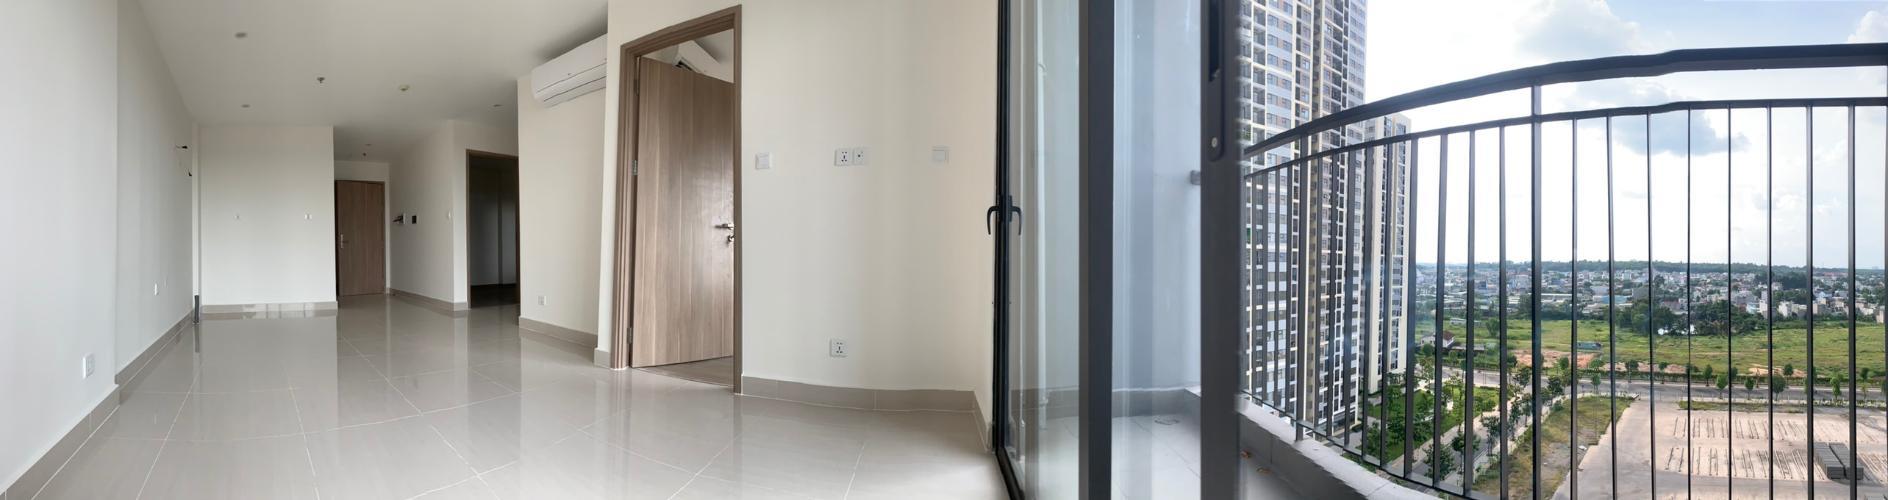 Căn hộ tầng 10 Vinhomes Grand Park không có nội thất, view nội khu mát mẻ